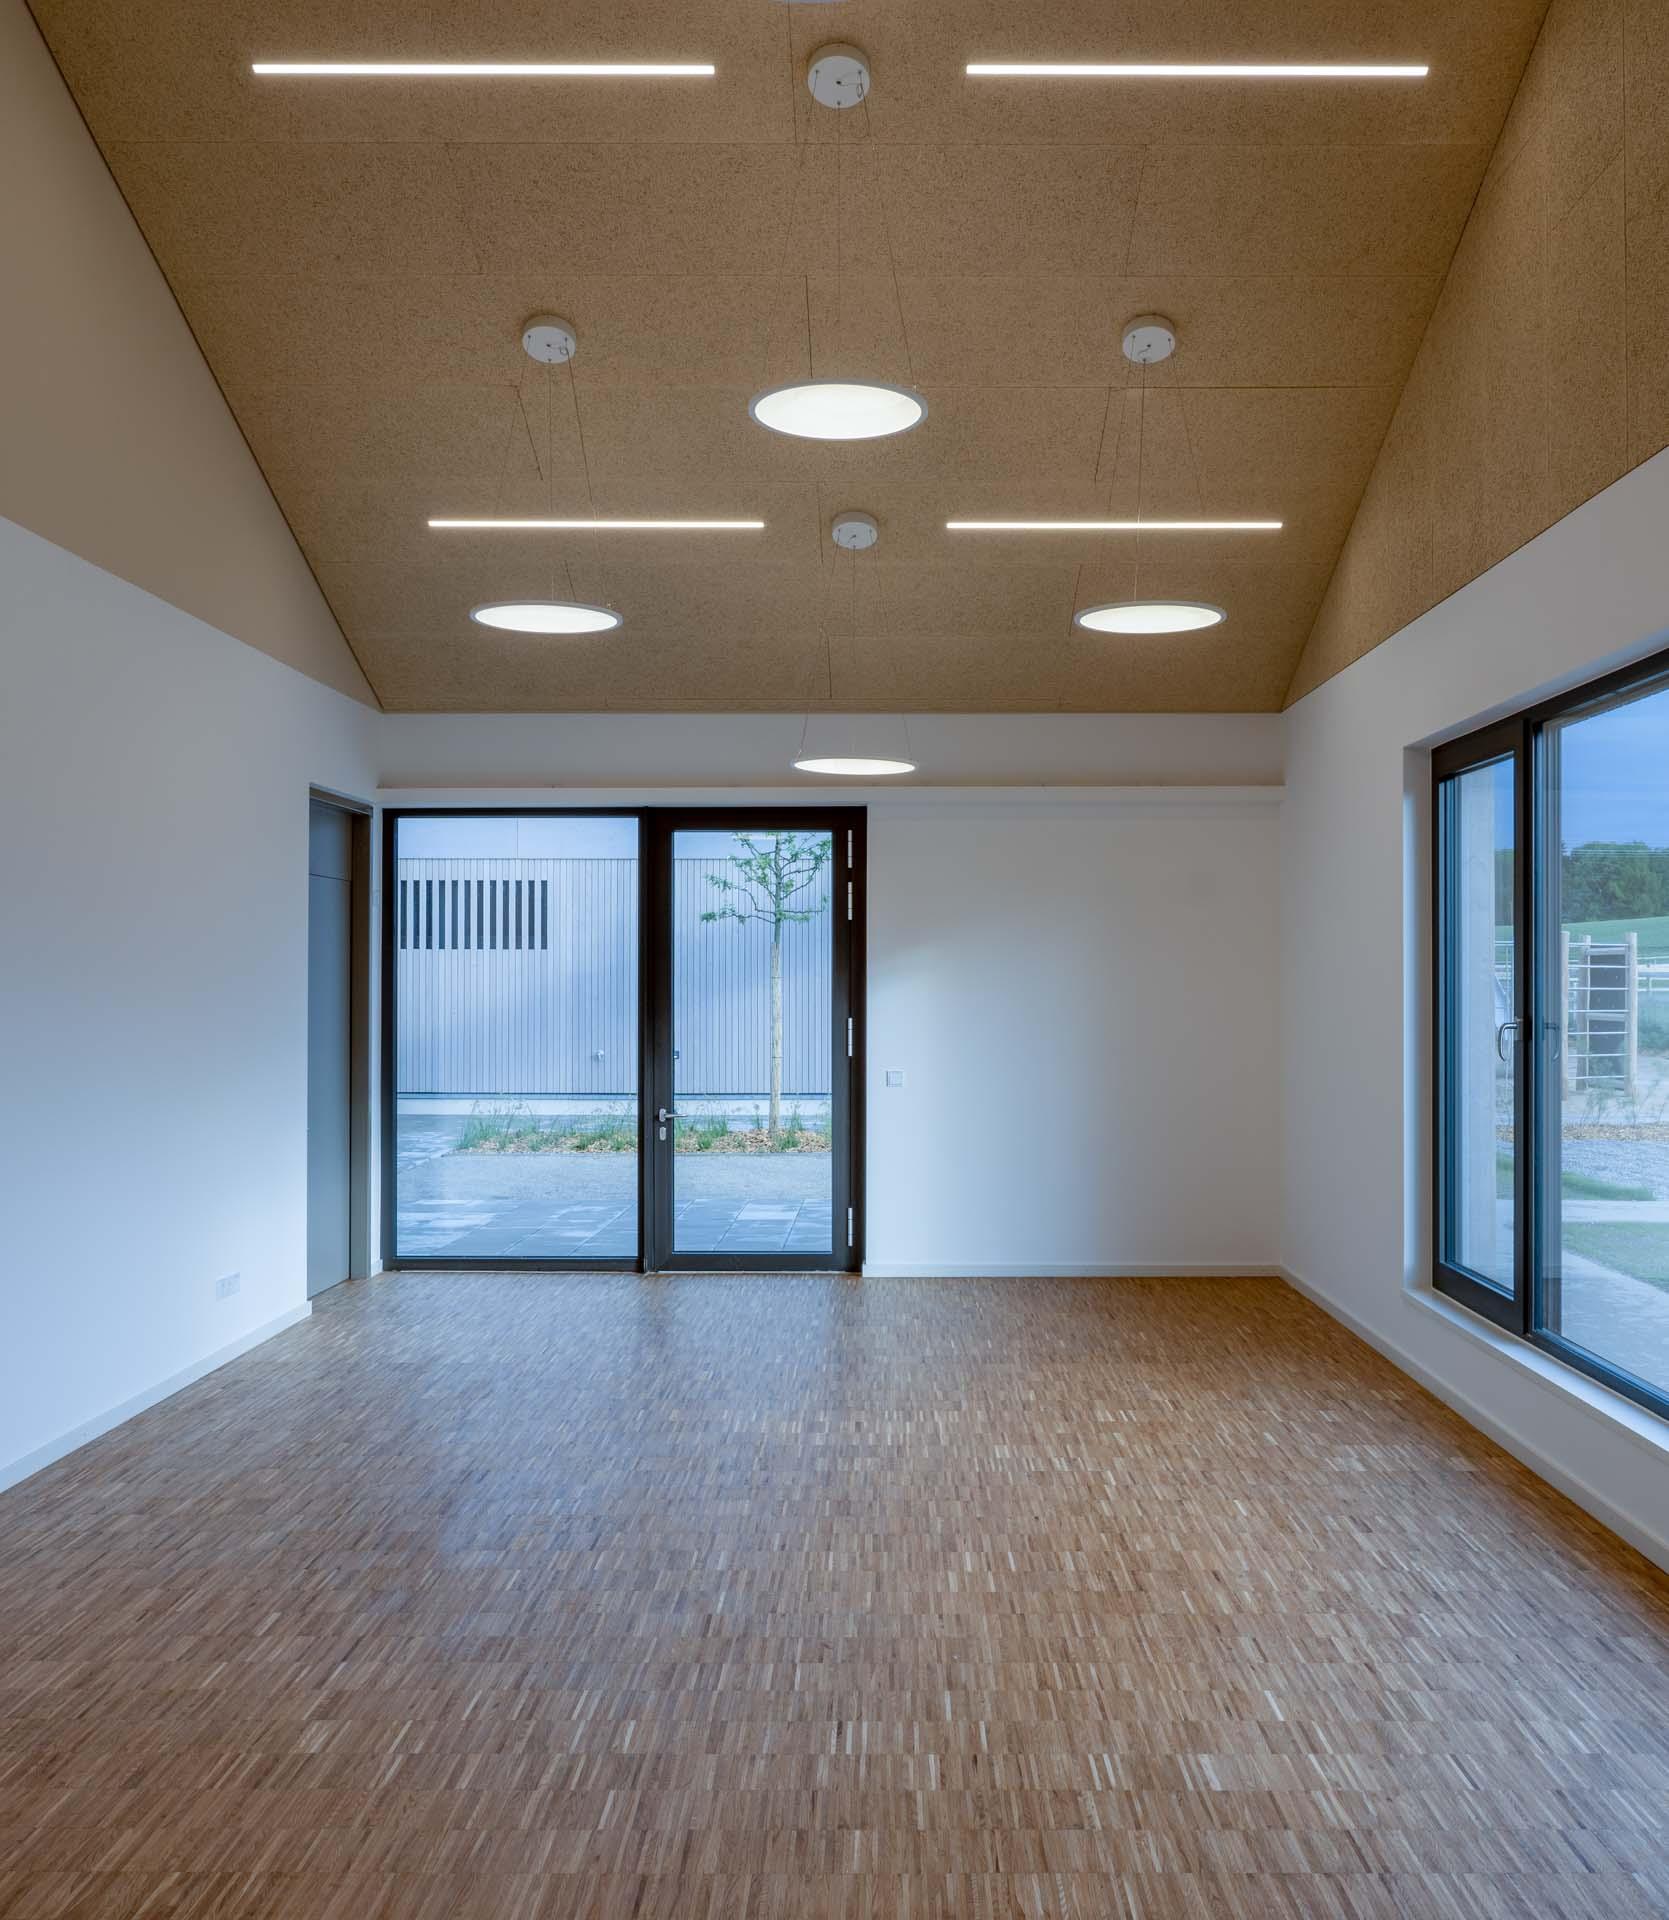 Perchting_Kinderhaus23_2k